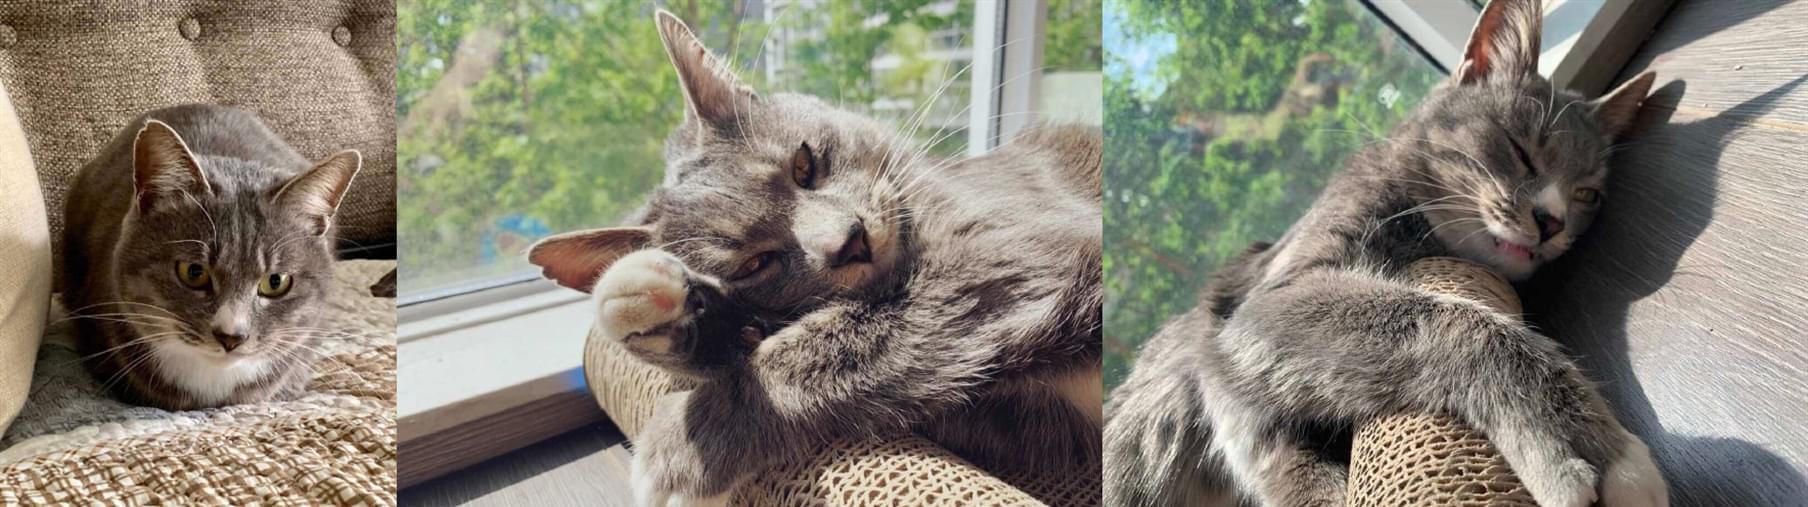 领养猫咪 (2).jpg